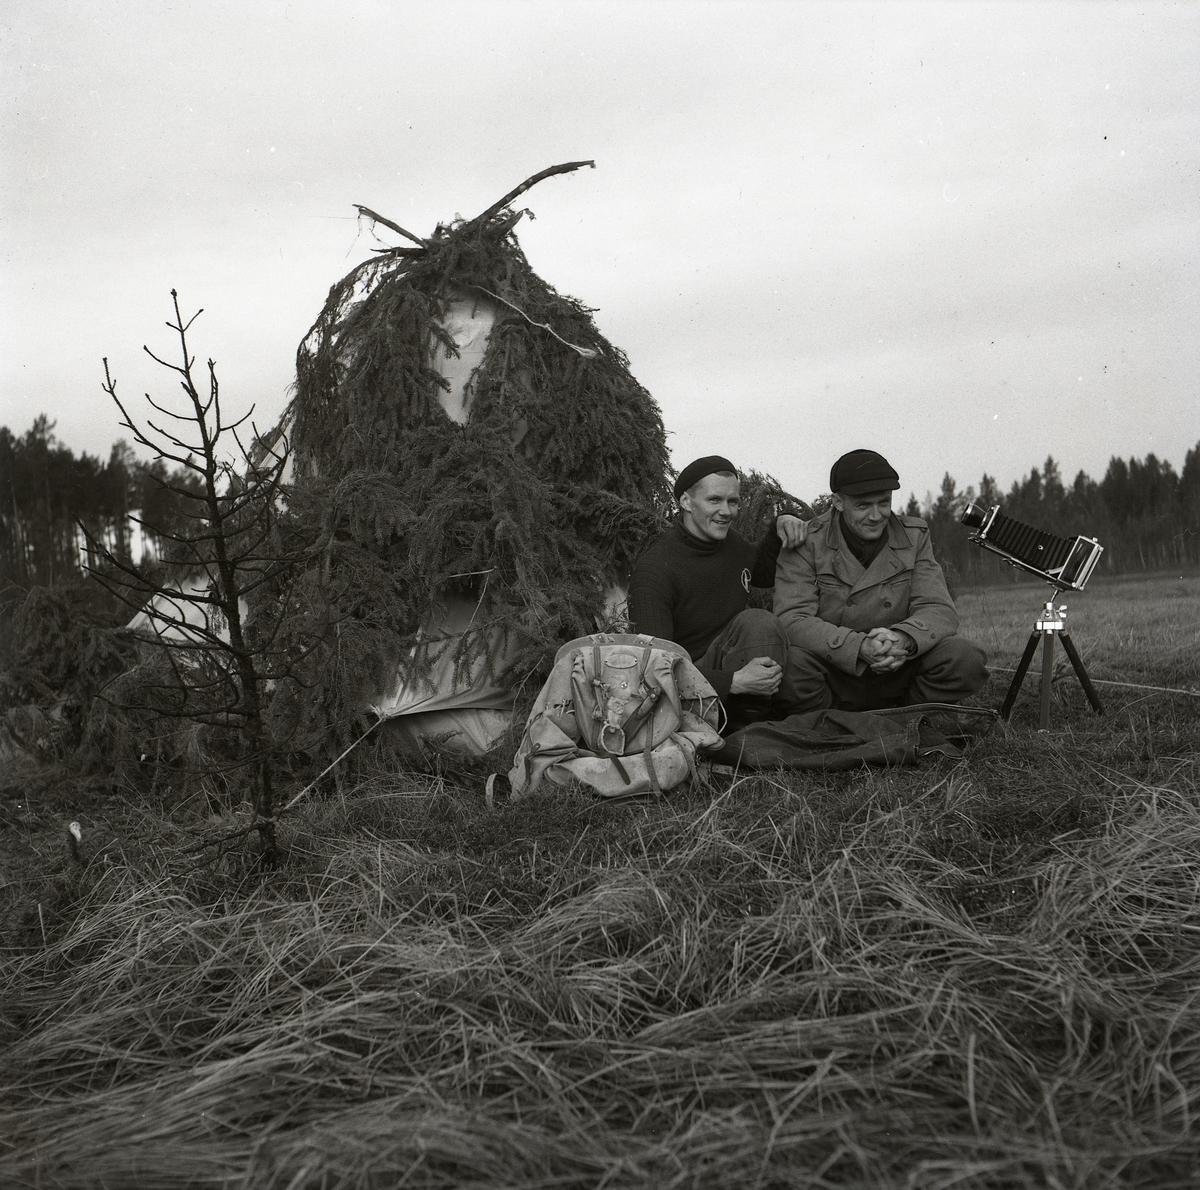 Två män sitter framför ett granristäckt tält och poserar. Hilding Mickelsson har kamratligt lagt sin arm på den andres axel medan de kikar mot fotografen. Bredvid männen står en kamera på stativ och en ryggsäck ligger lutad mot ena mannens ben. I förgrunden står ett barrlöst träd med grenar som sträcker sig över fjolårets grässtrån. Längs horisonten sticker skogens tallar upp och skärmar av himlavalvet från Degelmyren.